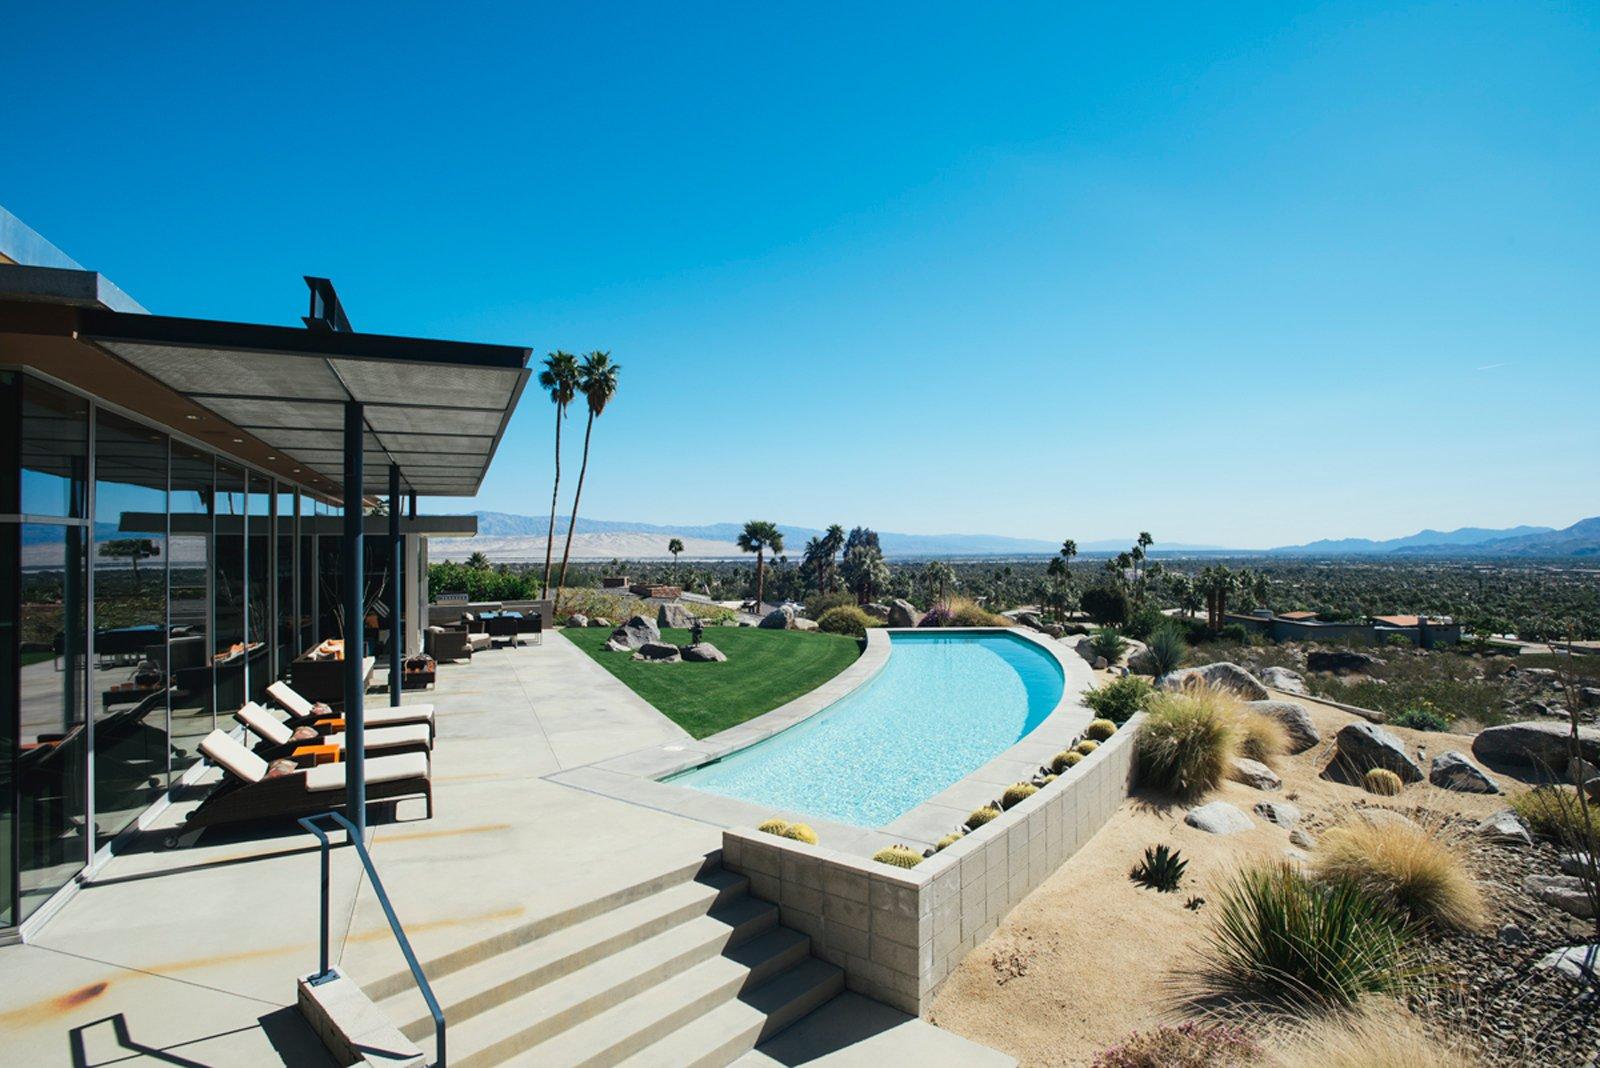 #pooldesign #modern #moderndesign #outdoor #exterior #pool #backyard #swimmingpool #desert #PalmSprings   Photo 12 of 23 in 20 Desert Homes from Viva La Tucson